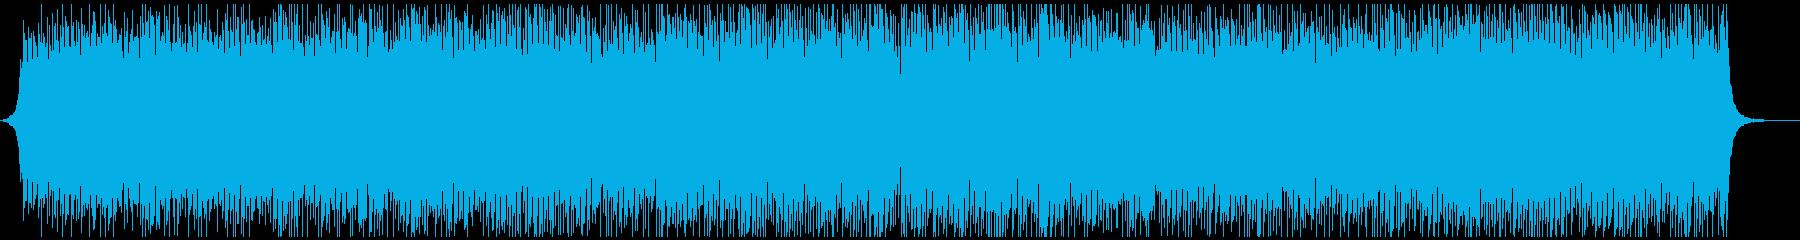 爽やかオープニング映像に美しくアゲアゲでの再生済みの波形